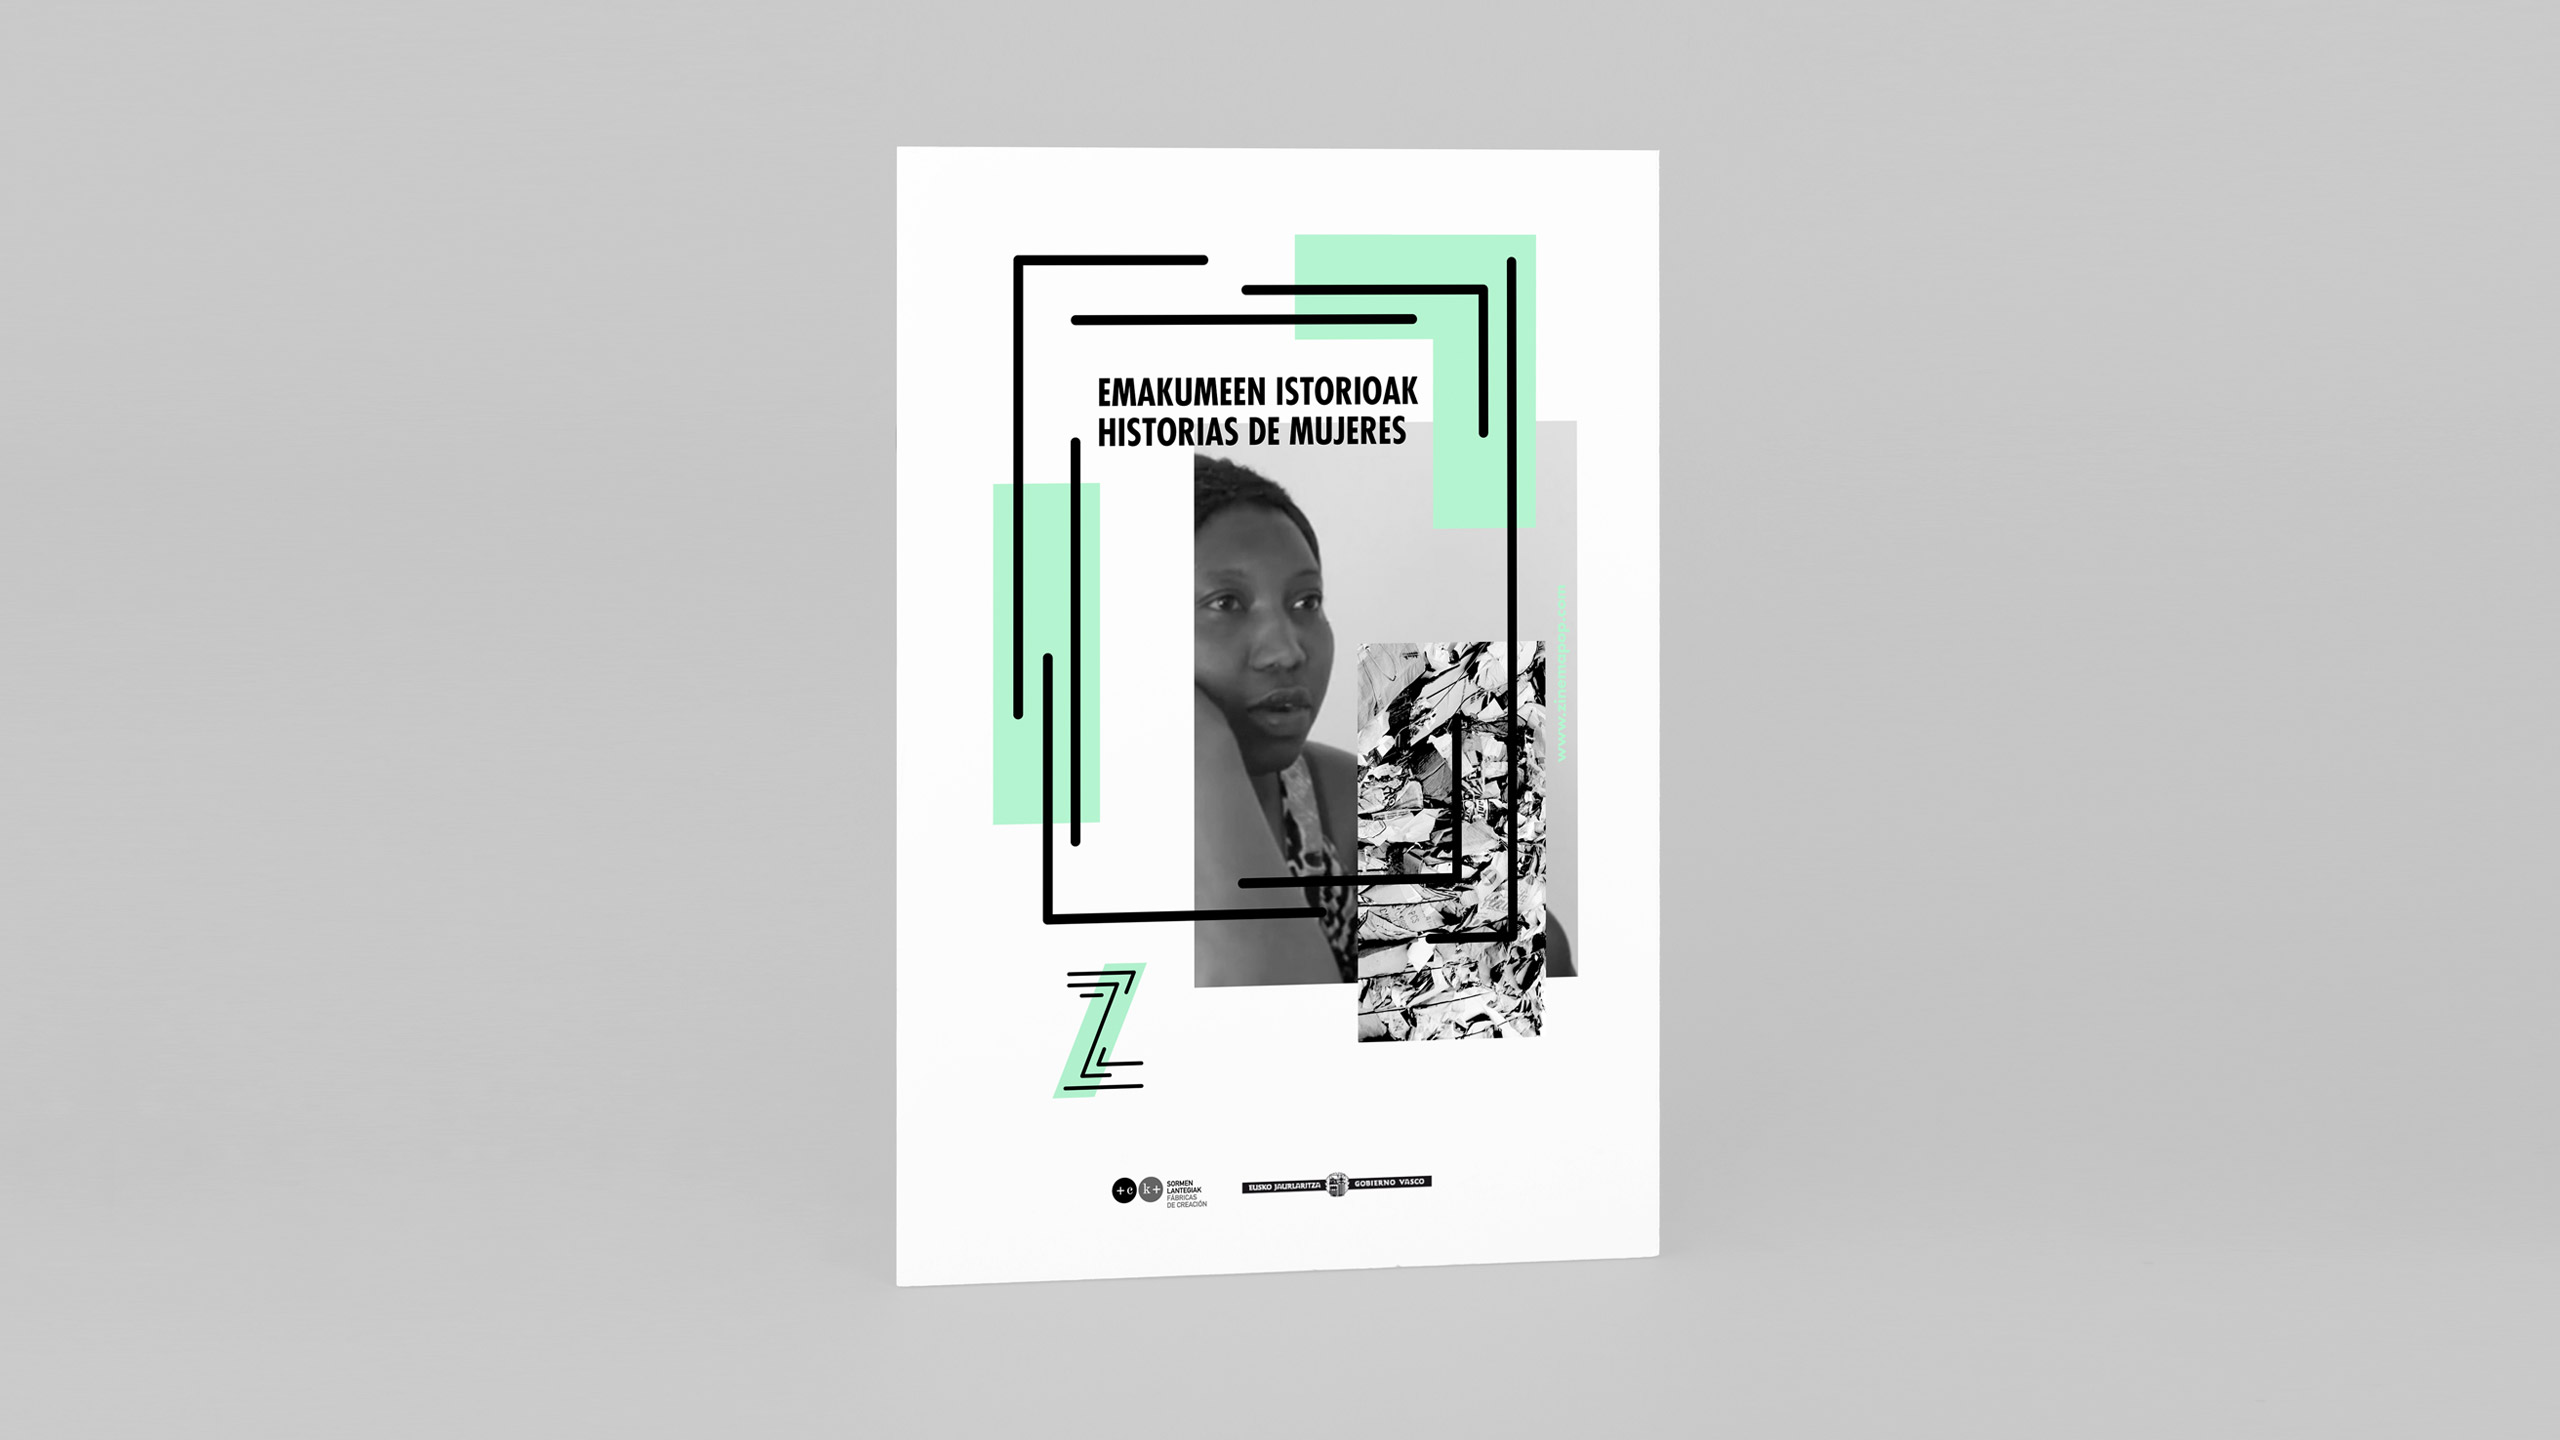 zinemapop-cartel